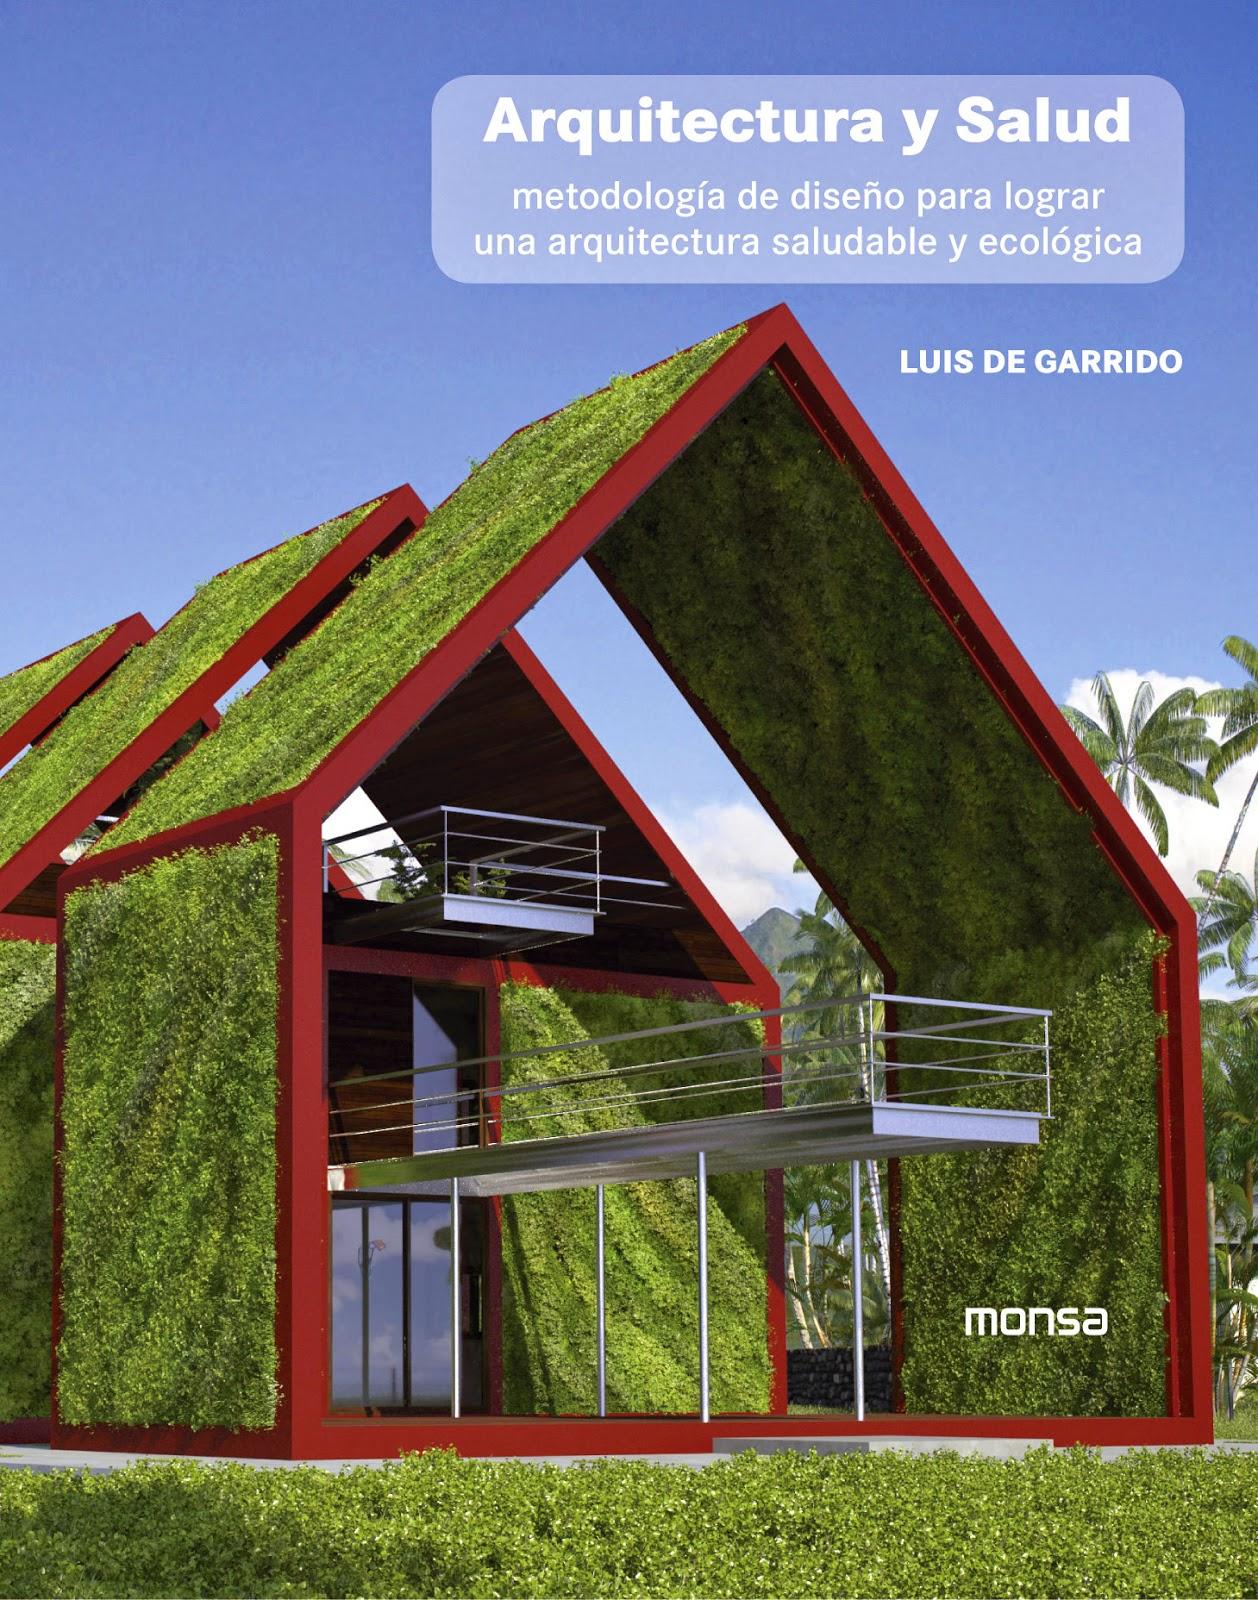 Revista digital apuntes de arquitectura 100 proyectos de - Arquitectura de diseno ...